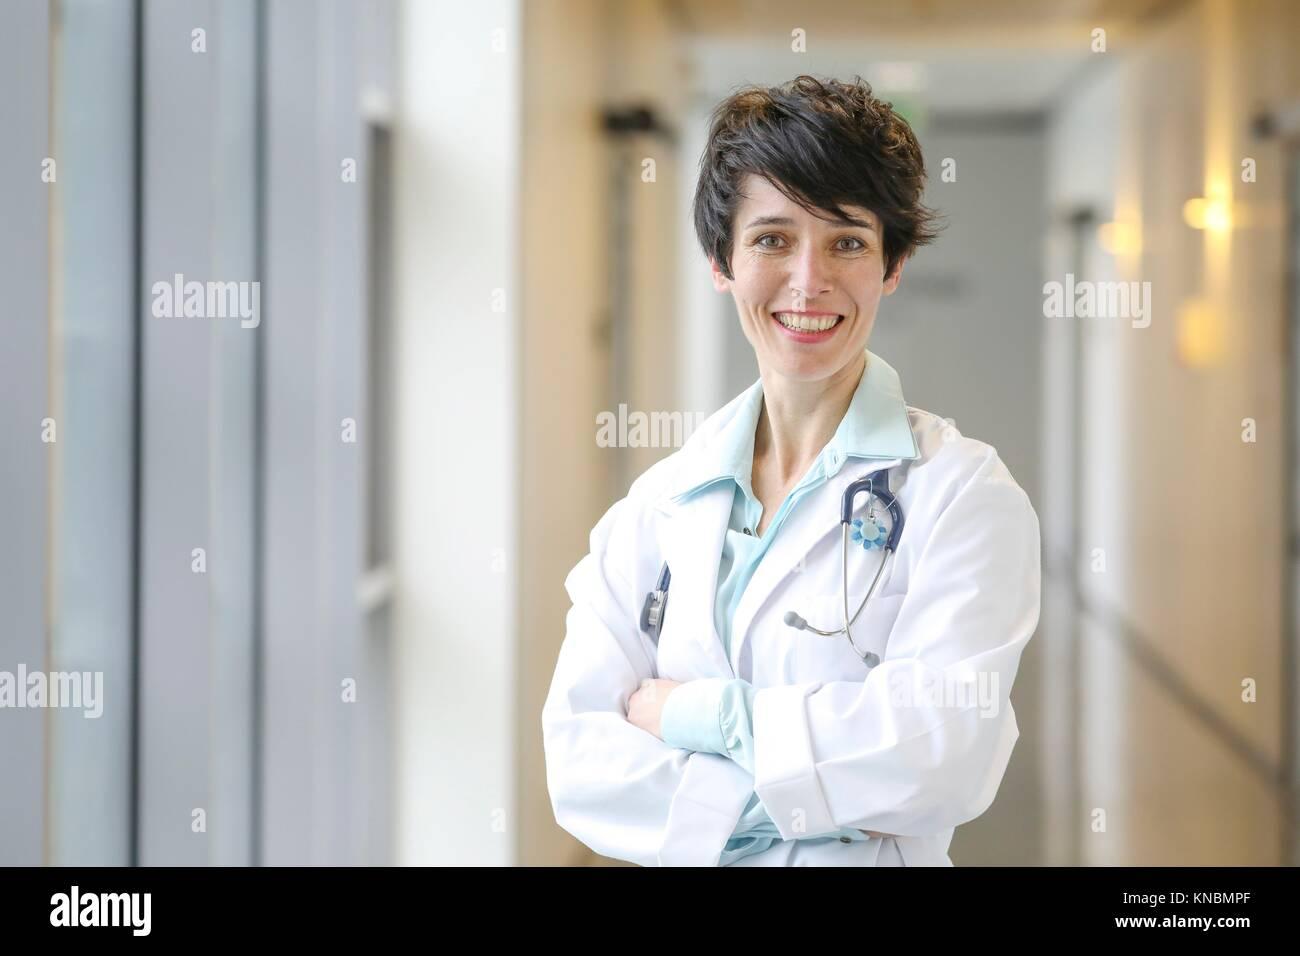 Dottore in corridoio, ospedale Immagini Stock